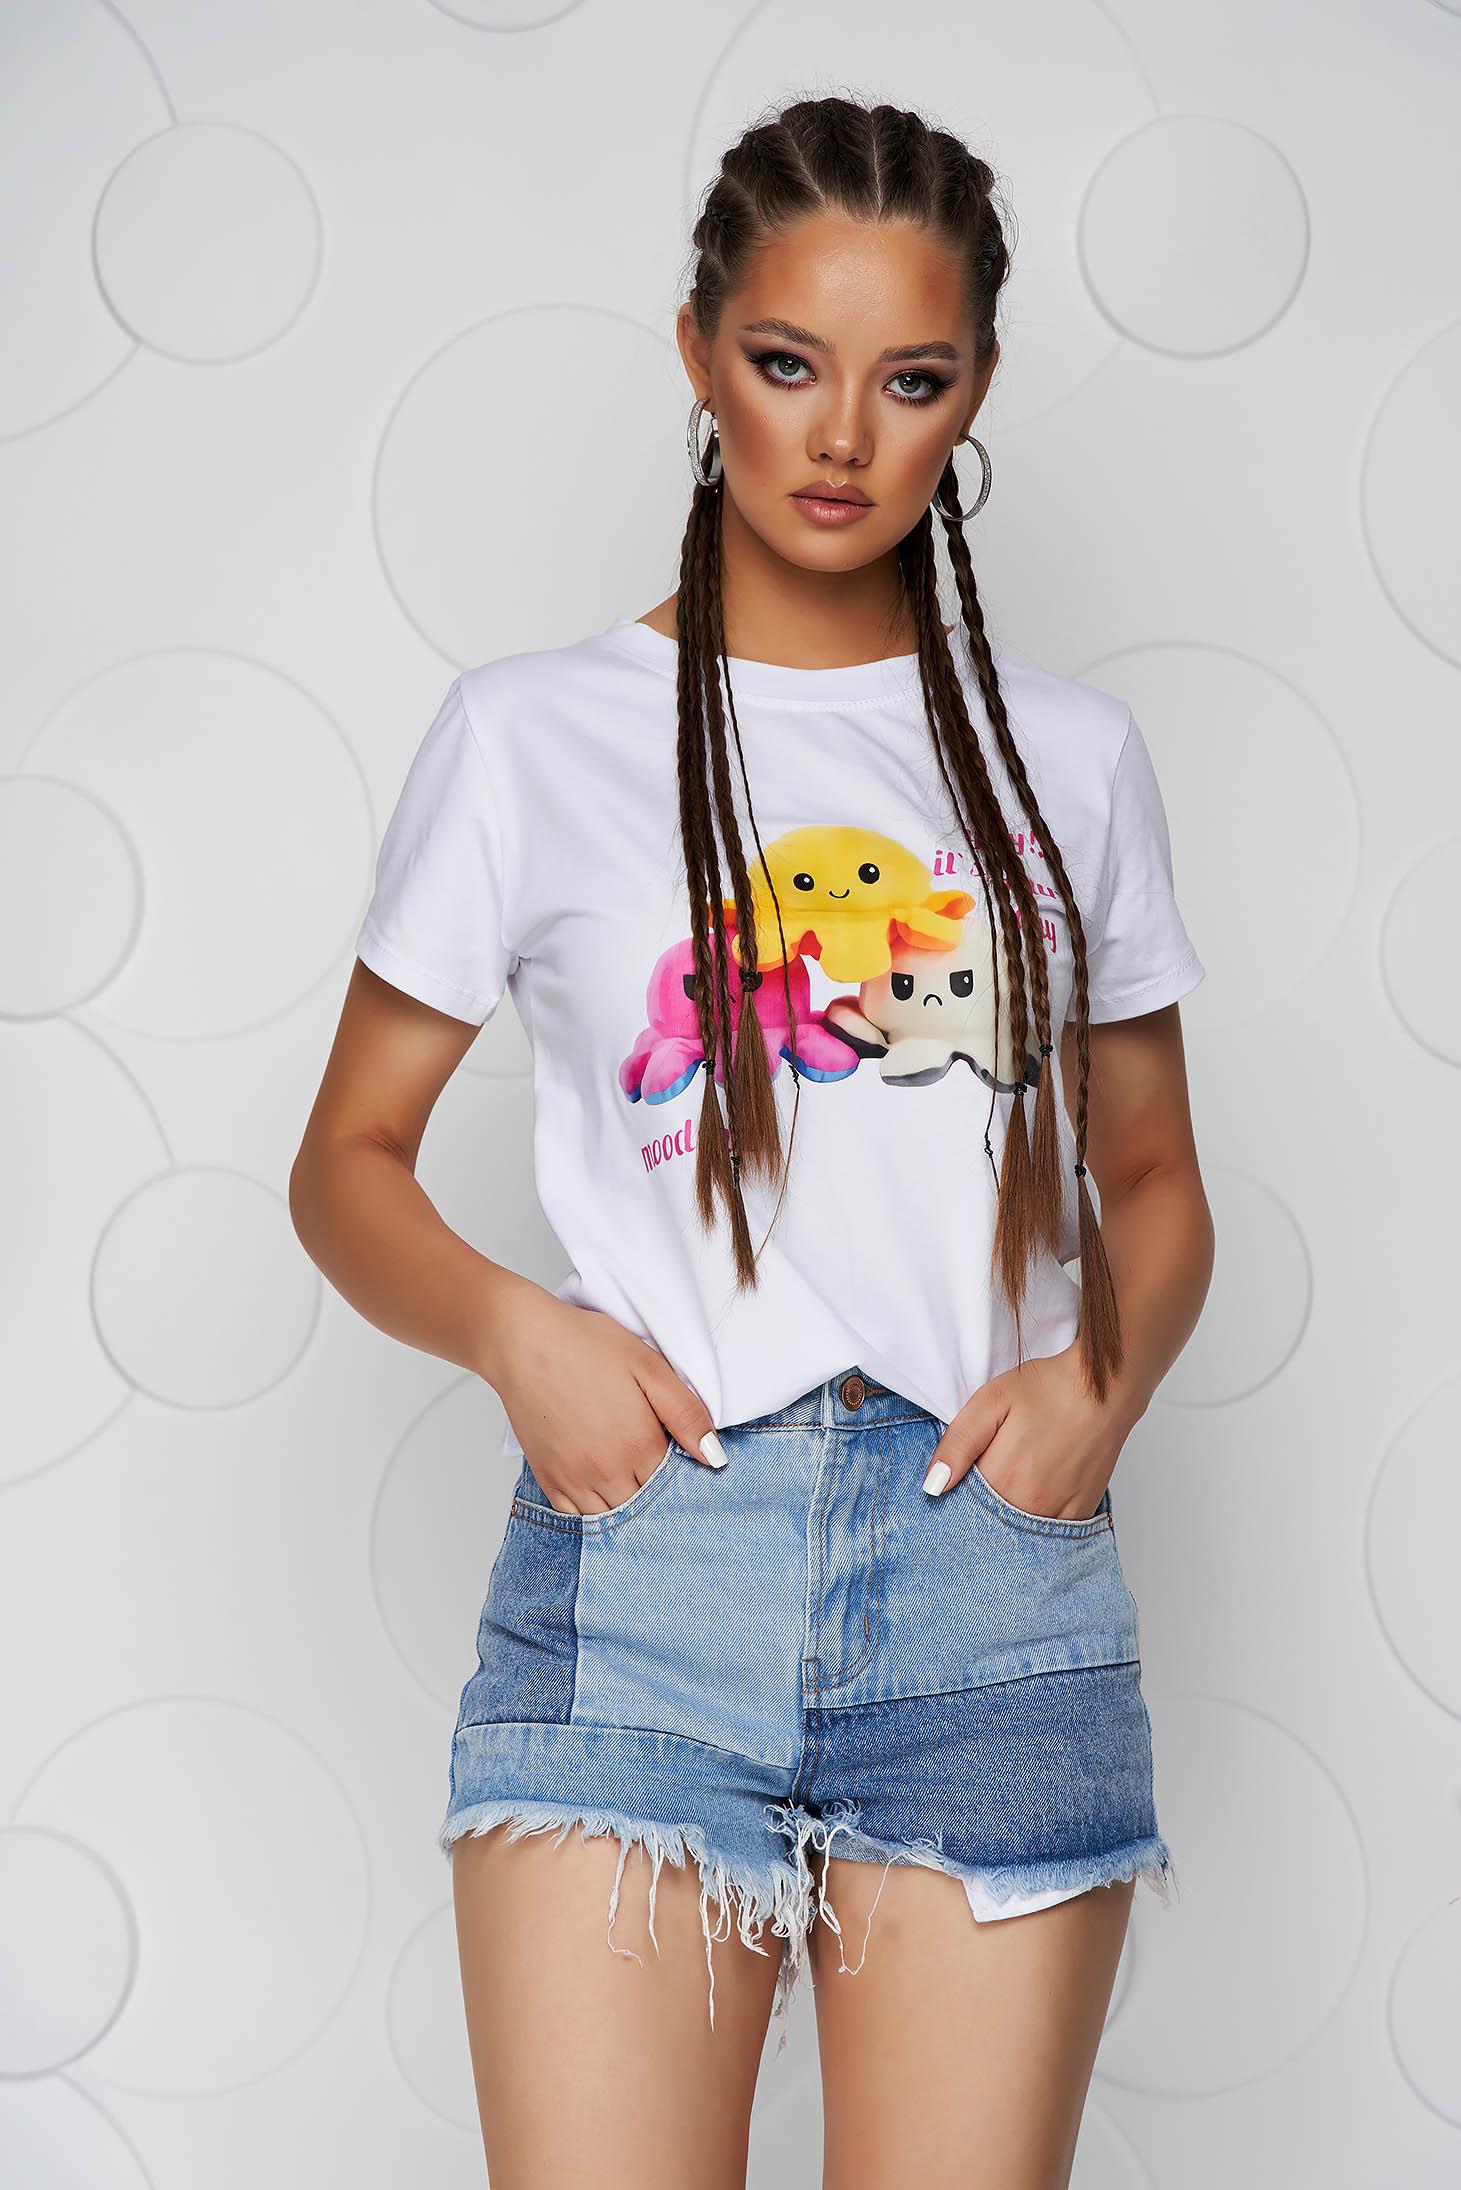 Pamutból készült bő szabású fehér póló grafikai díszítéssel